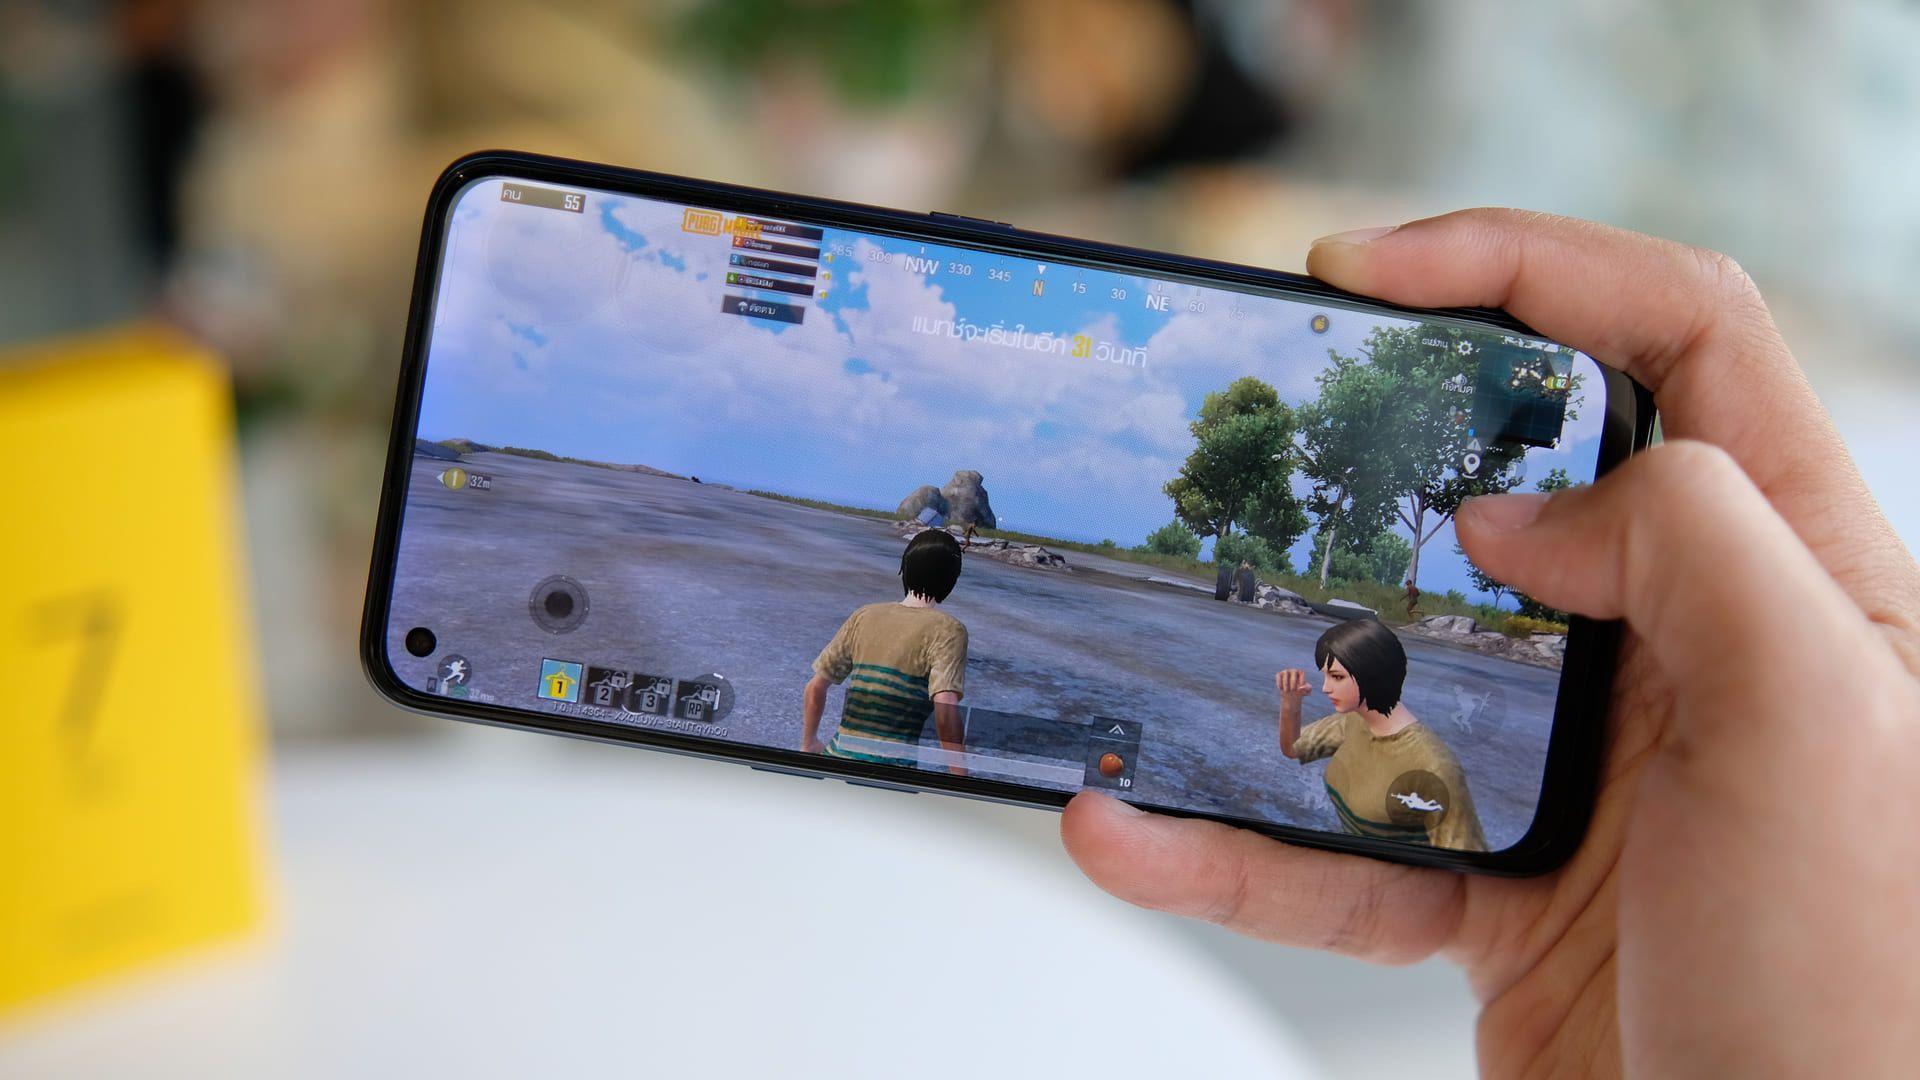 O Melhor celular para jogos é o Realme 7 5G. (Foto: Shutterstock)